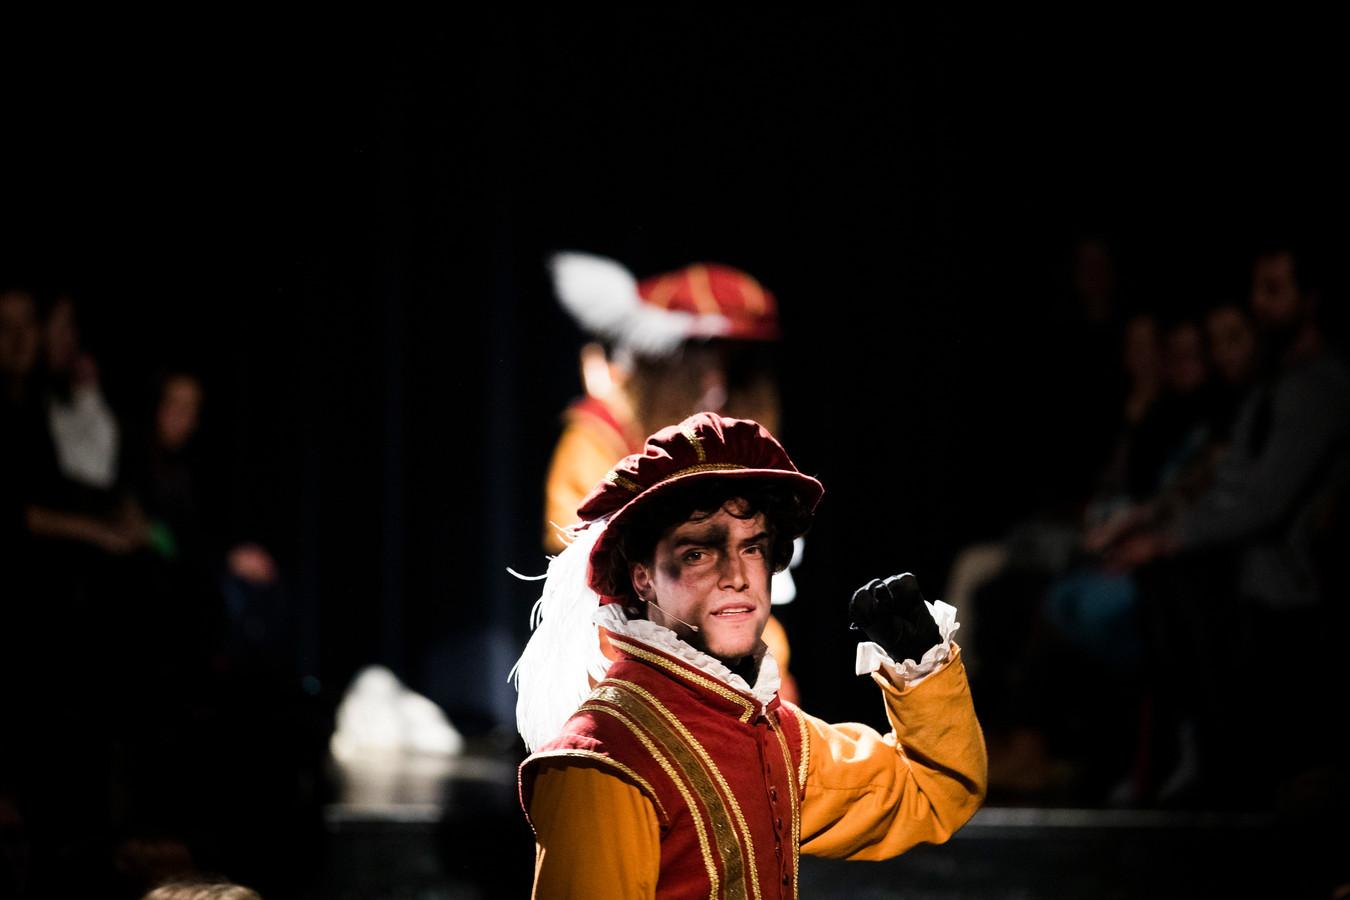 Een schoorsteenpiet in een nieuw pietenpakken waarvoor Amsterdam kiest: gebaseerd op de mode van Spaanse edellieden uit de zestiende eeuw.